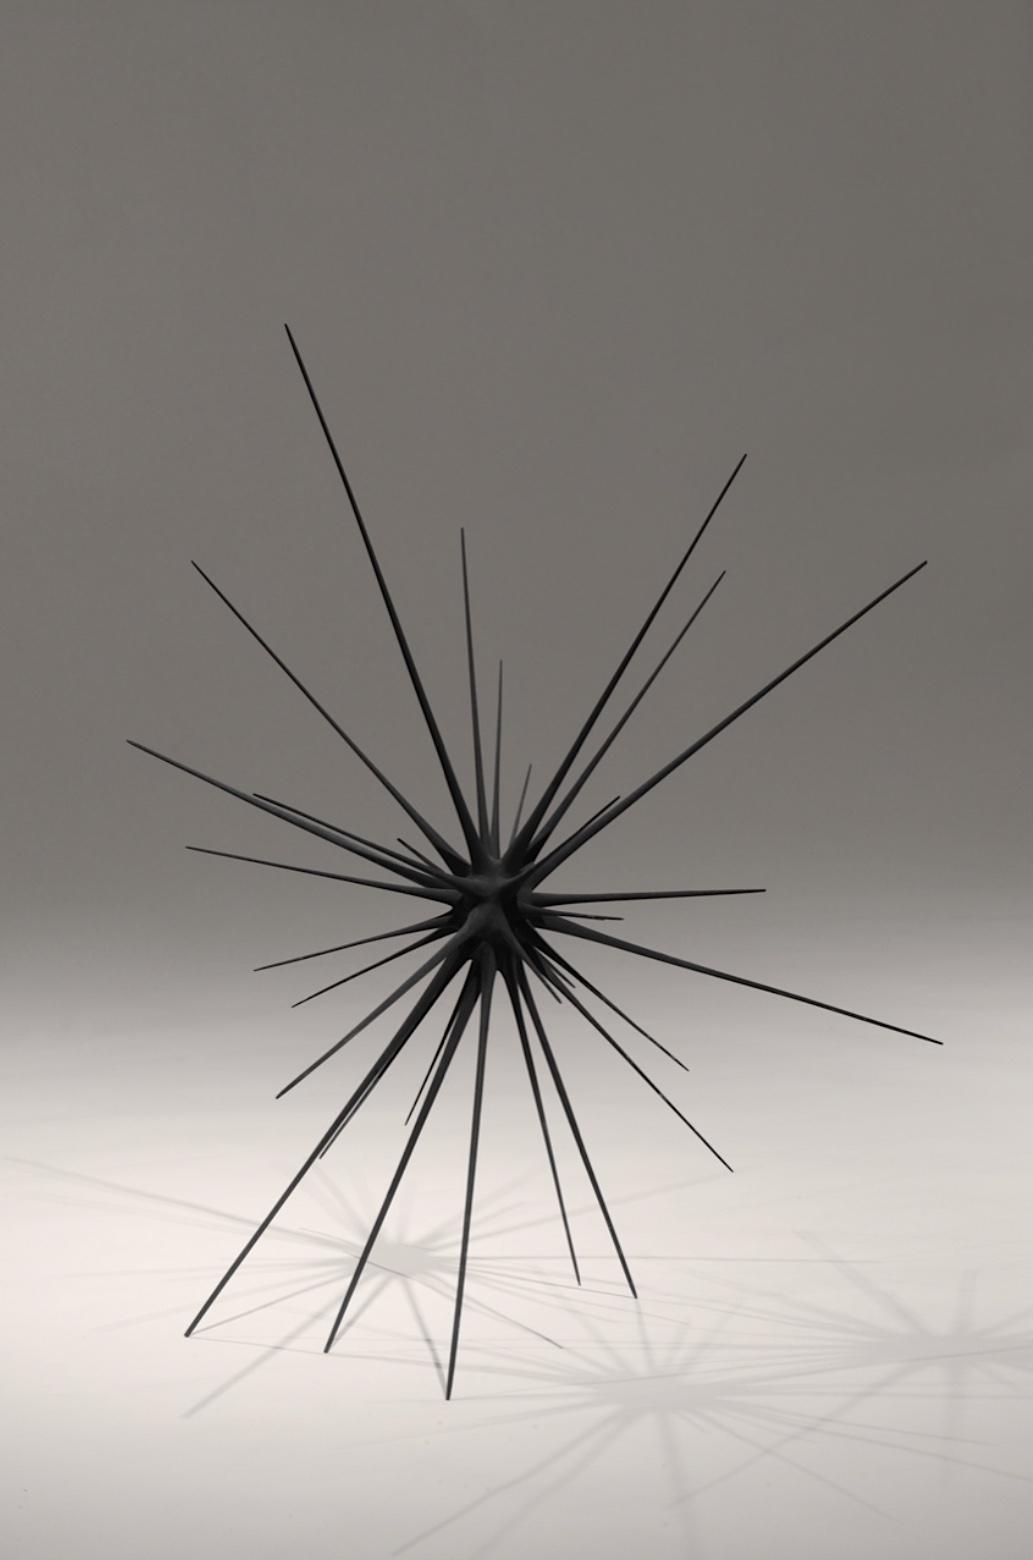 Many Stars, a sculpture by artist Christopher Kurtz